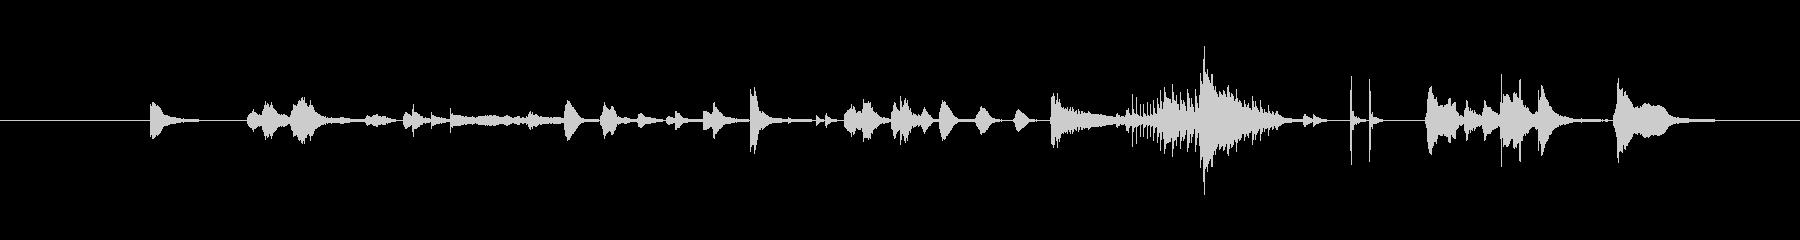 不思議なファンタジーソングの未再生の波形